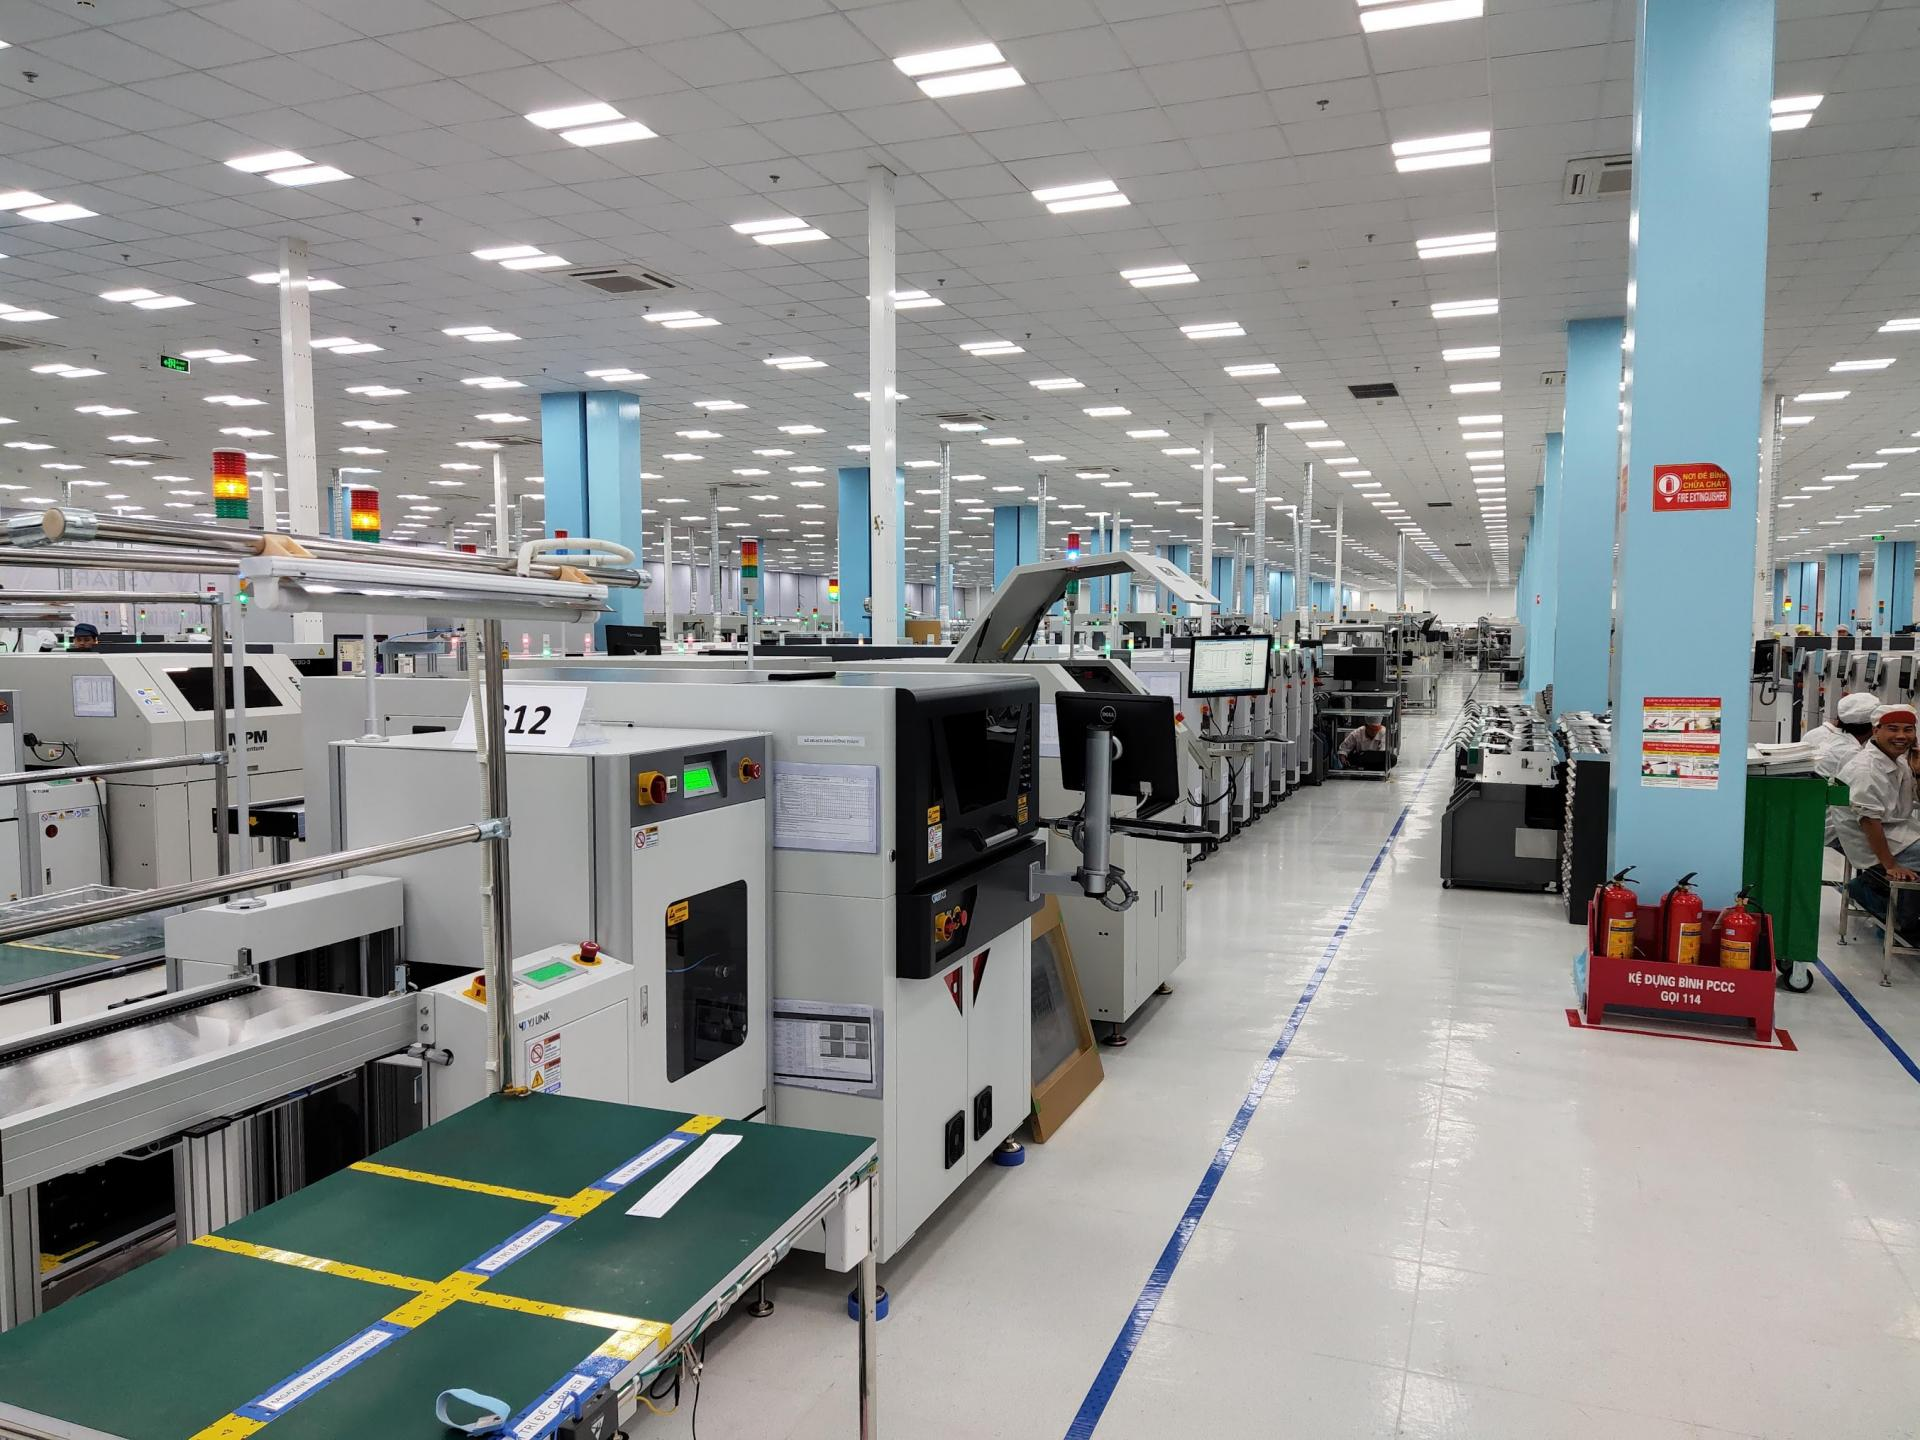 Вьетнамская компания VinGroup построила собственный завод для производства смартфонов